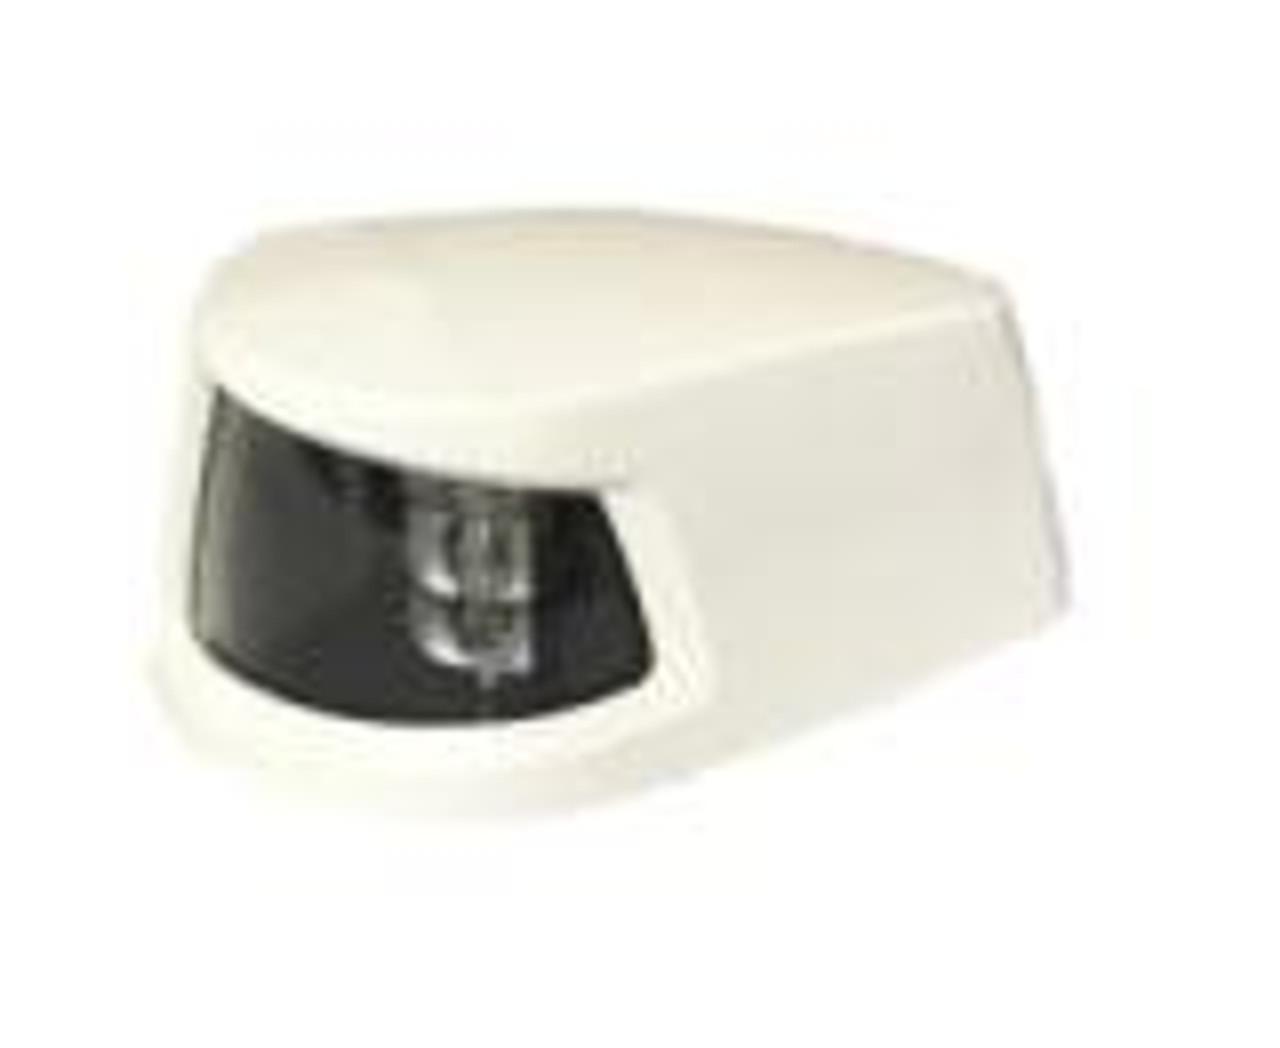 Port Side LED Navigation Light - Red LED Output